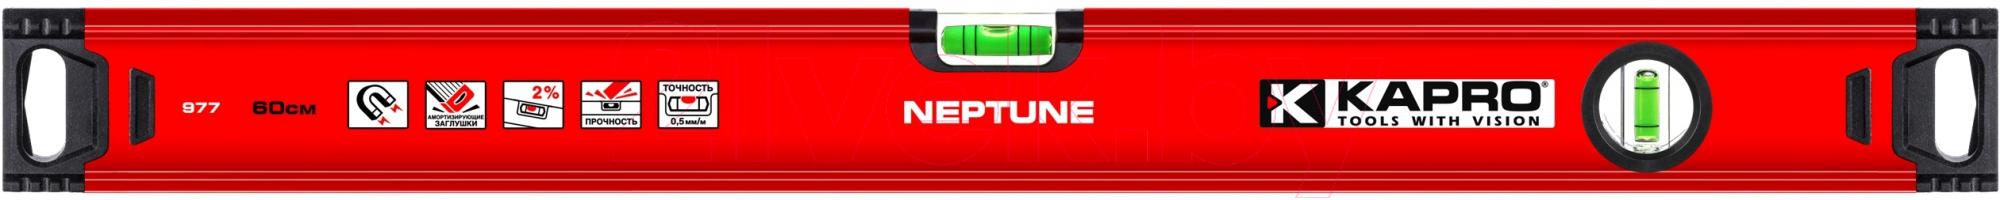 Купить Уровень строительный Kapro, Neptune 977-40-100, Израиль